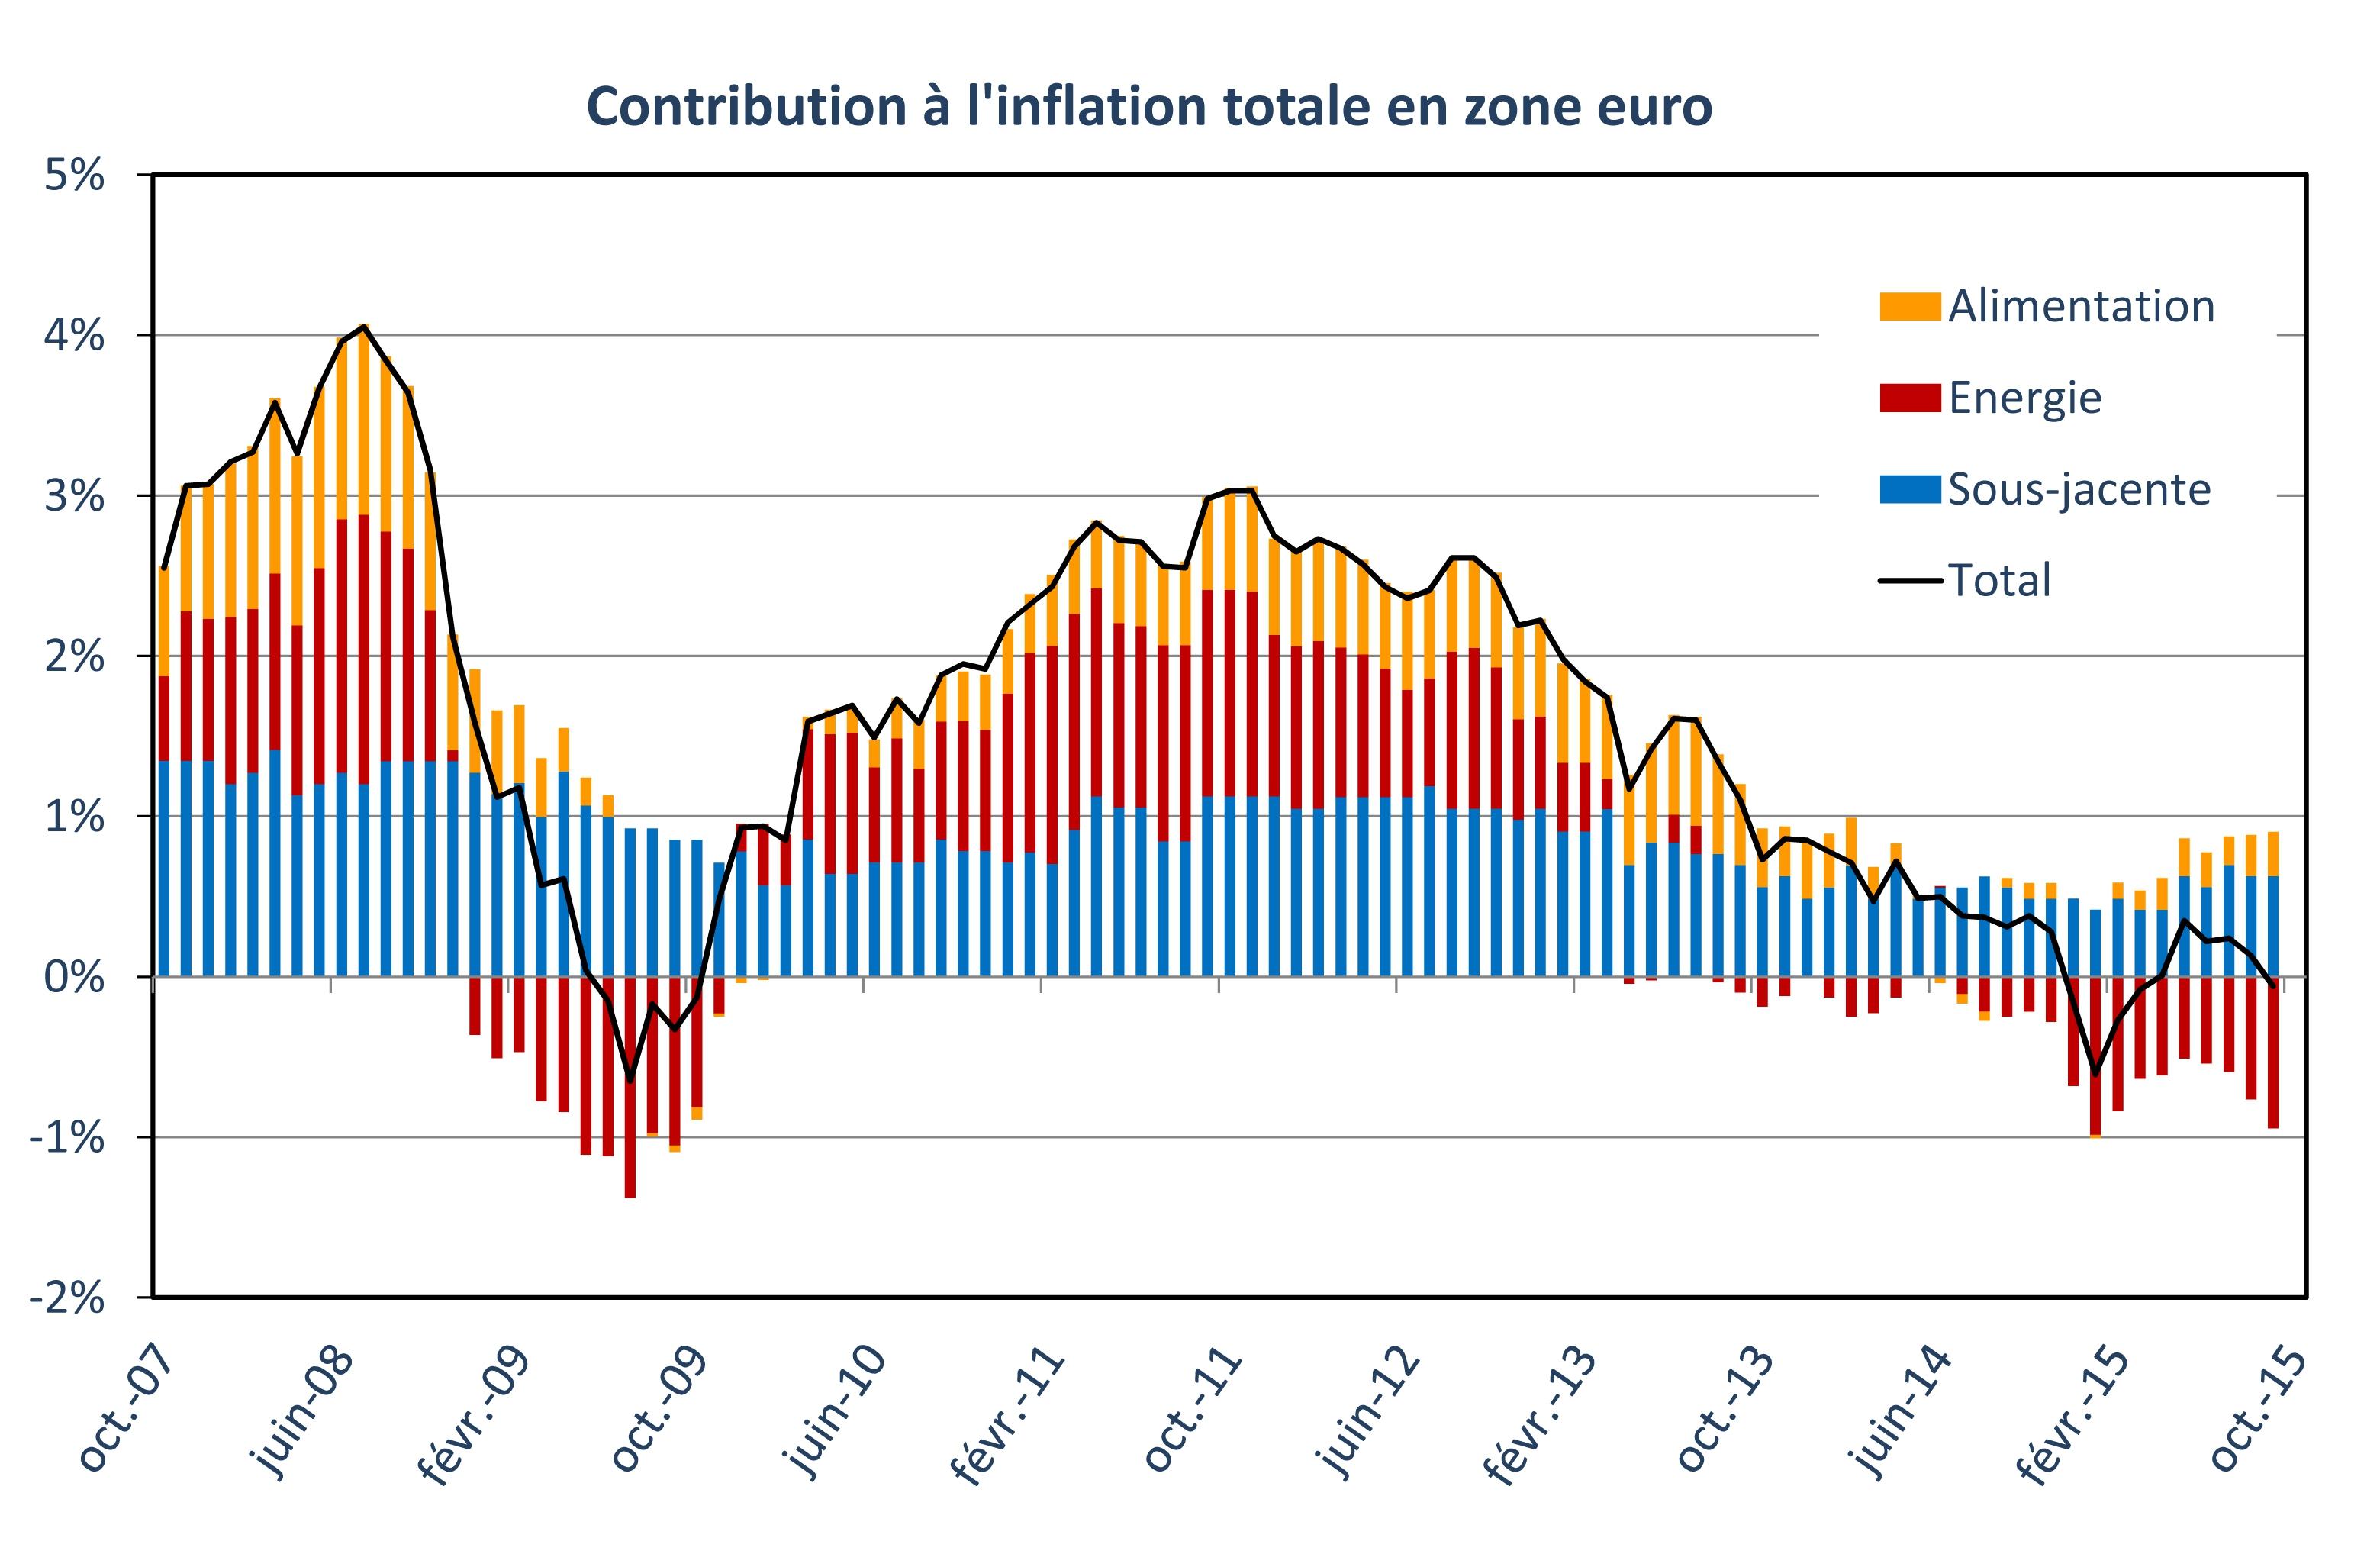 Contribution à l'inflation totale en zone euro